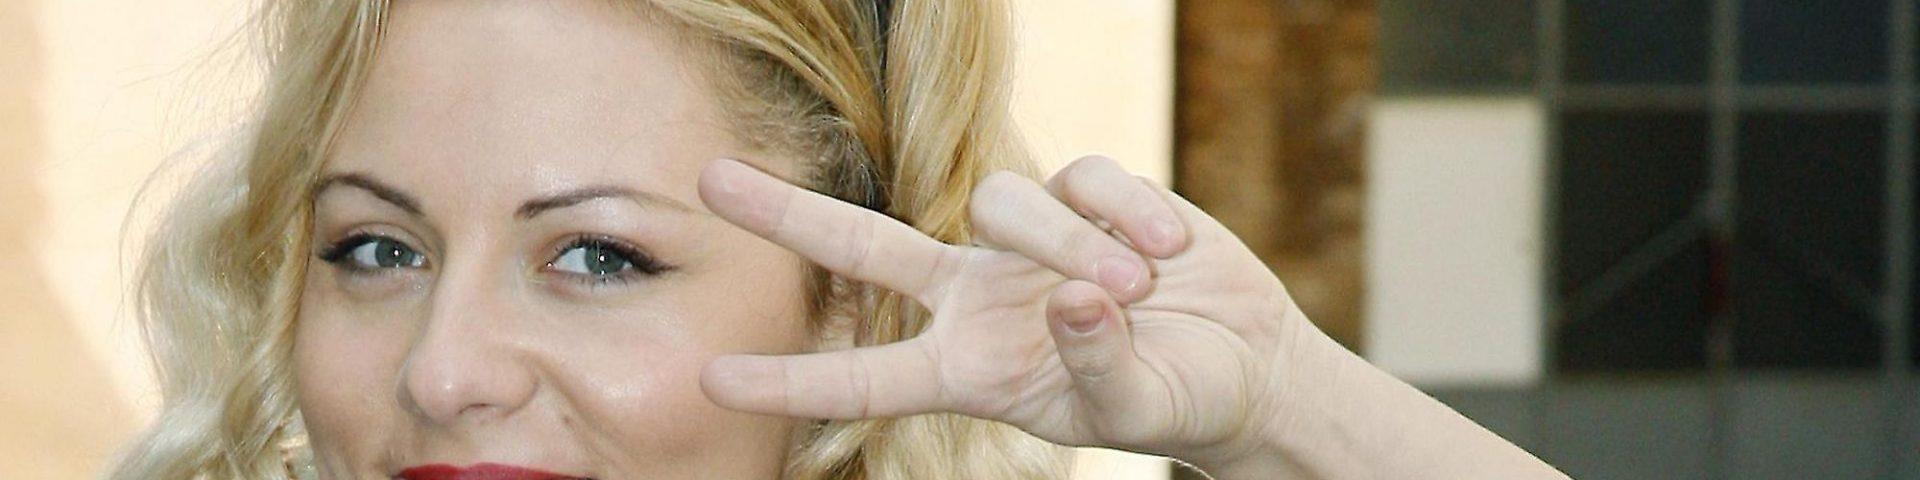 Lisa Fusco al Grande Fratello Vip: ricordate la famosa spaccata? - Video